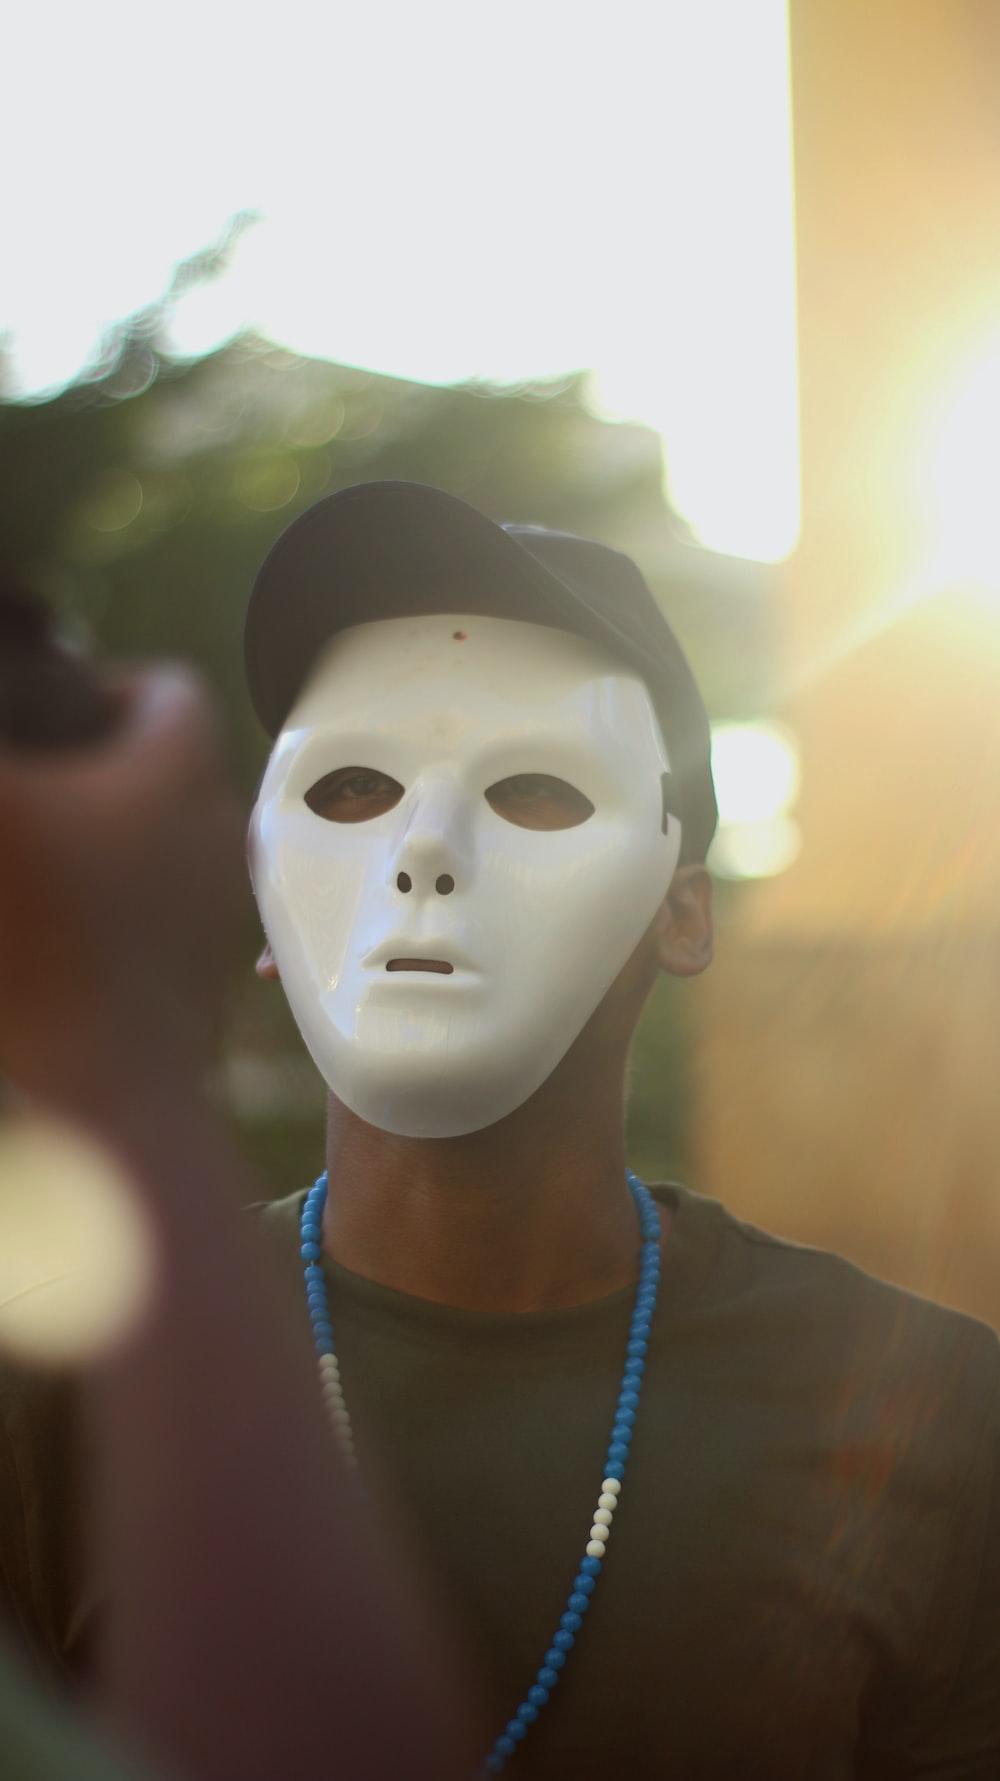 man wearing white mask